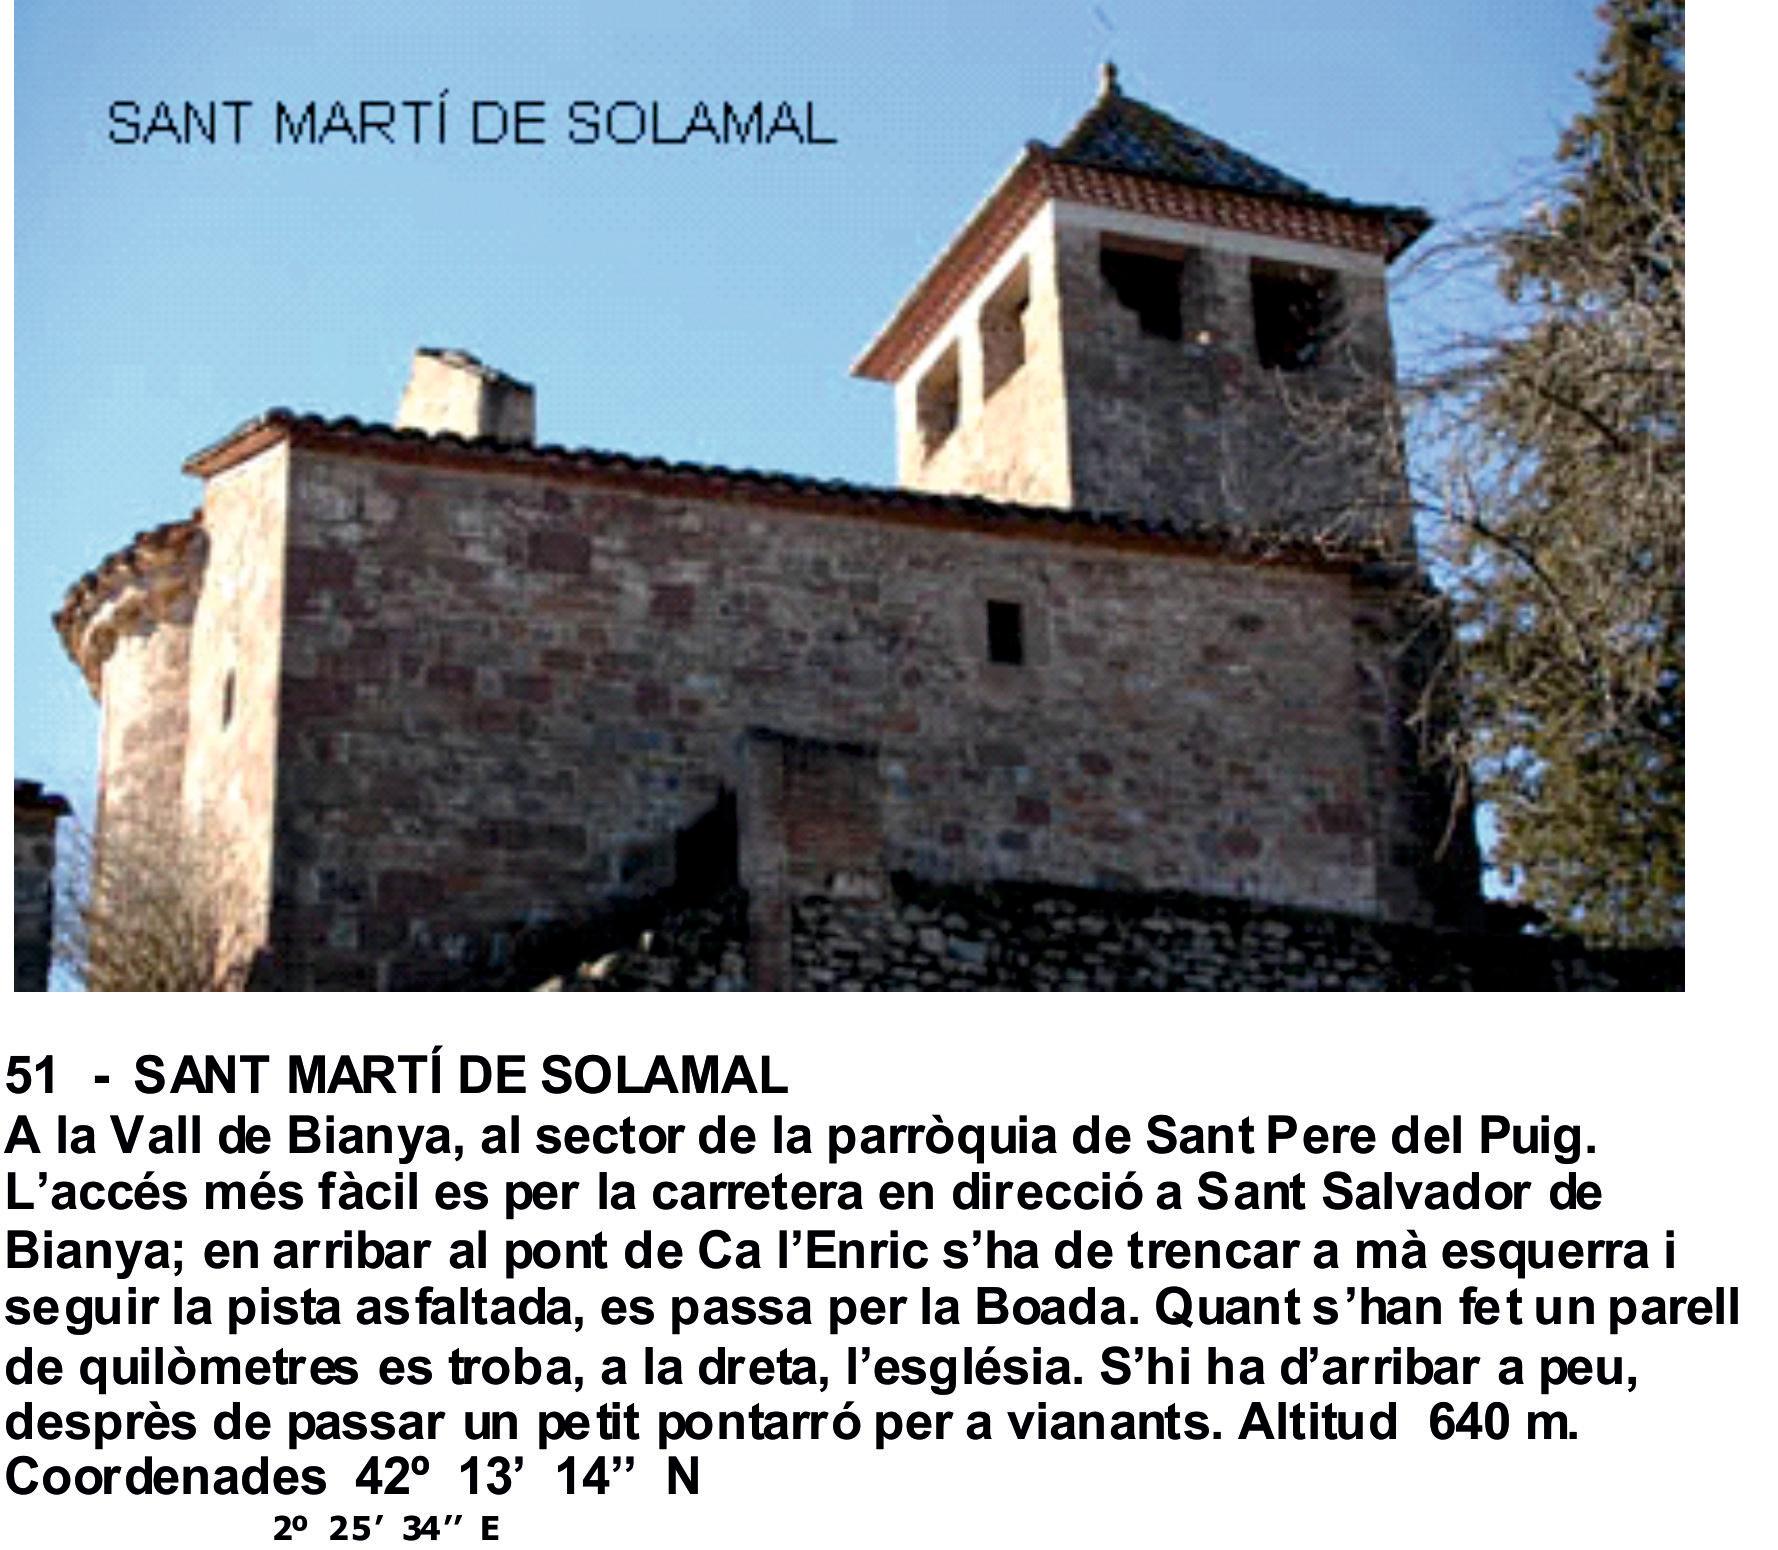 51__-__SANT_MARTÍ_DE_SOLAMAL